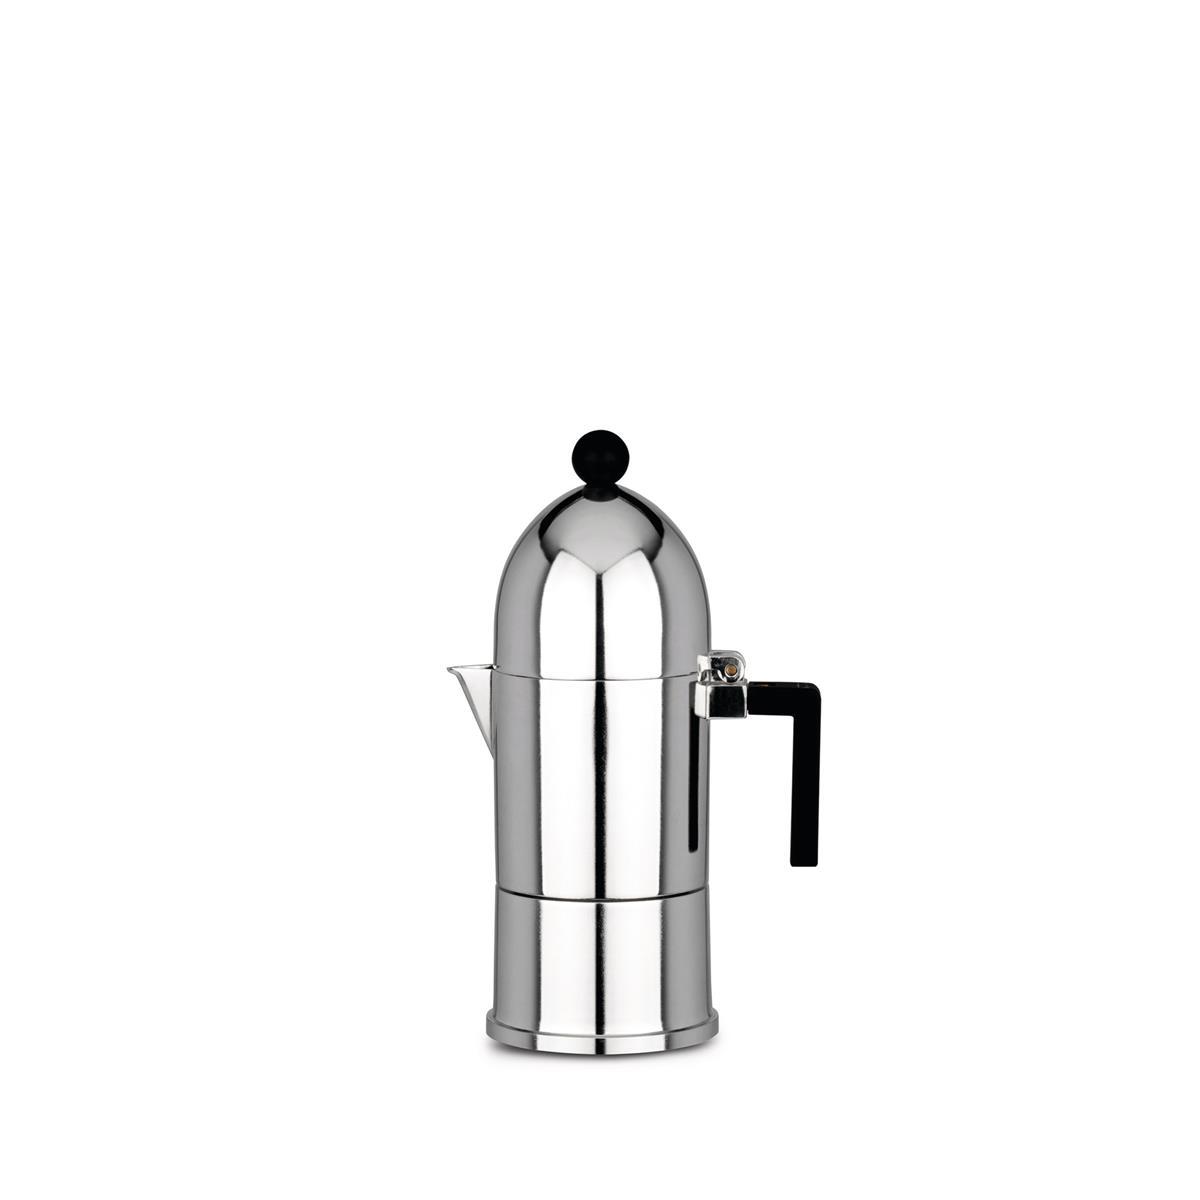 Alessi-La Kuppel Espressomaschine aus Aluminiumguss, schwarz 3 Tassen